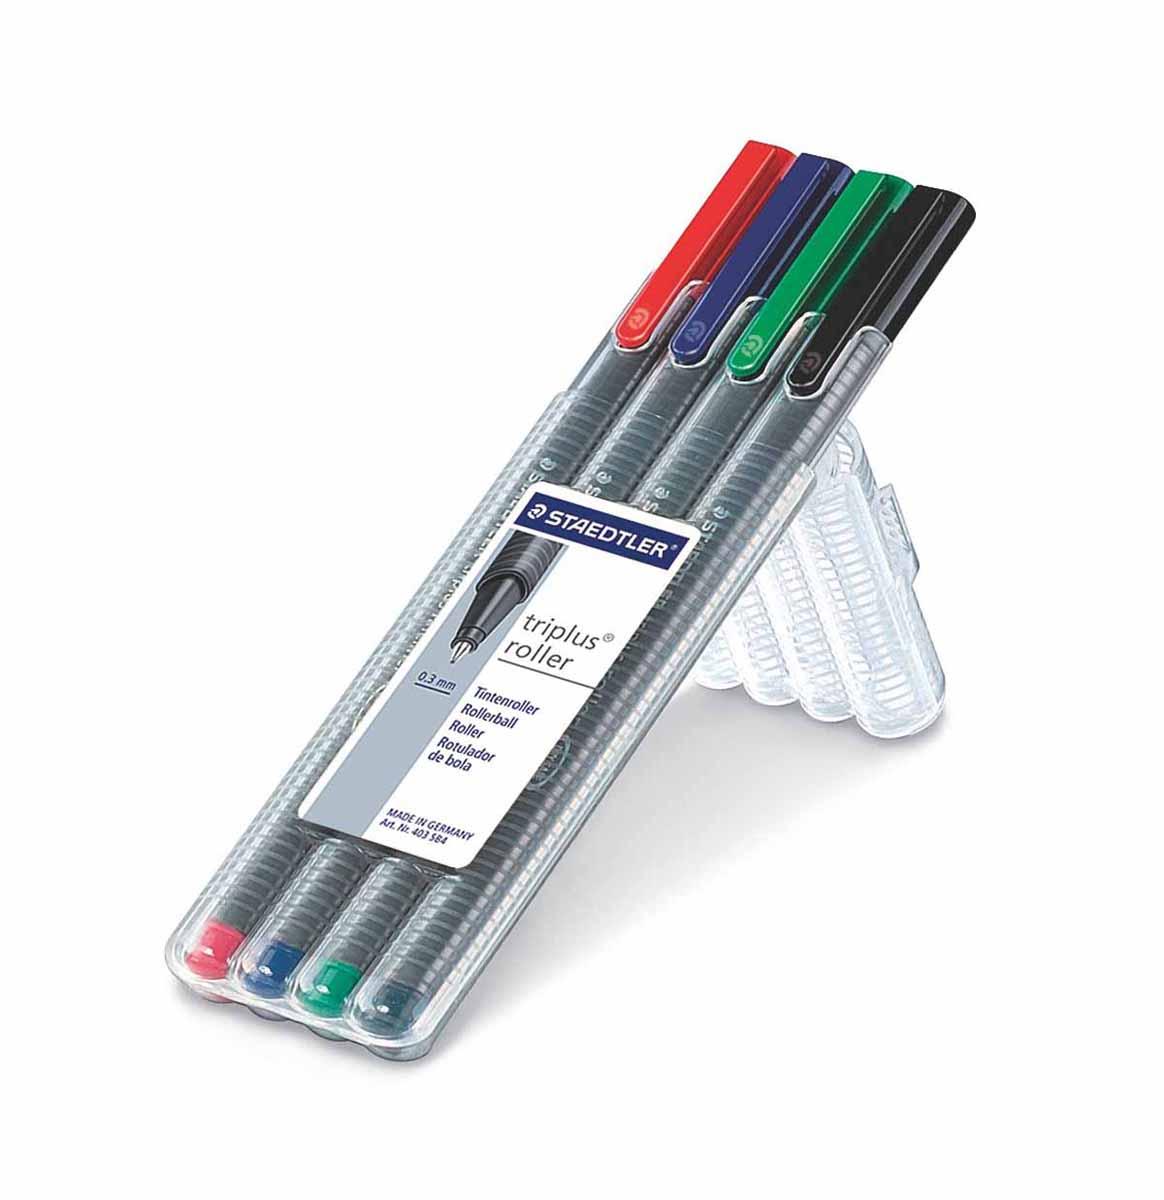 Staedtler Набор ручек-роллеров Triplus 4 цвета403SB4Набор роллеров Triplus, Staedtler. Содержит 4 цвета в ассортименте. Толщина линии прибл. 0,4мм. Подходит для письма и работы с документами.